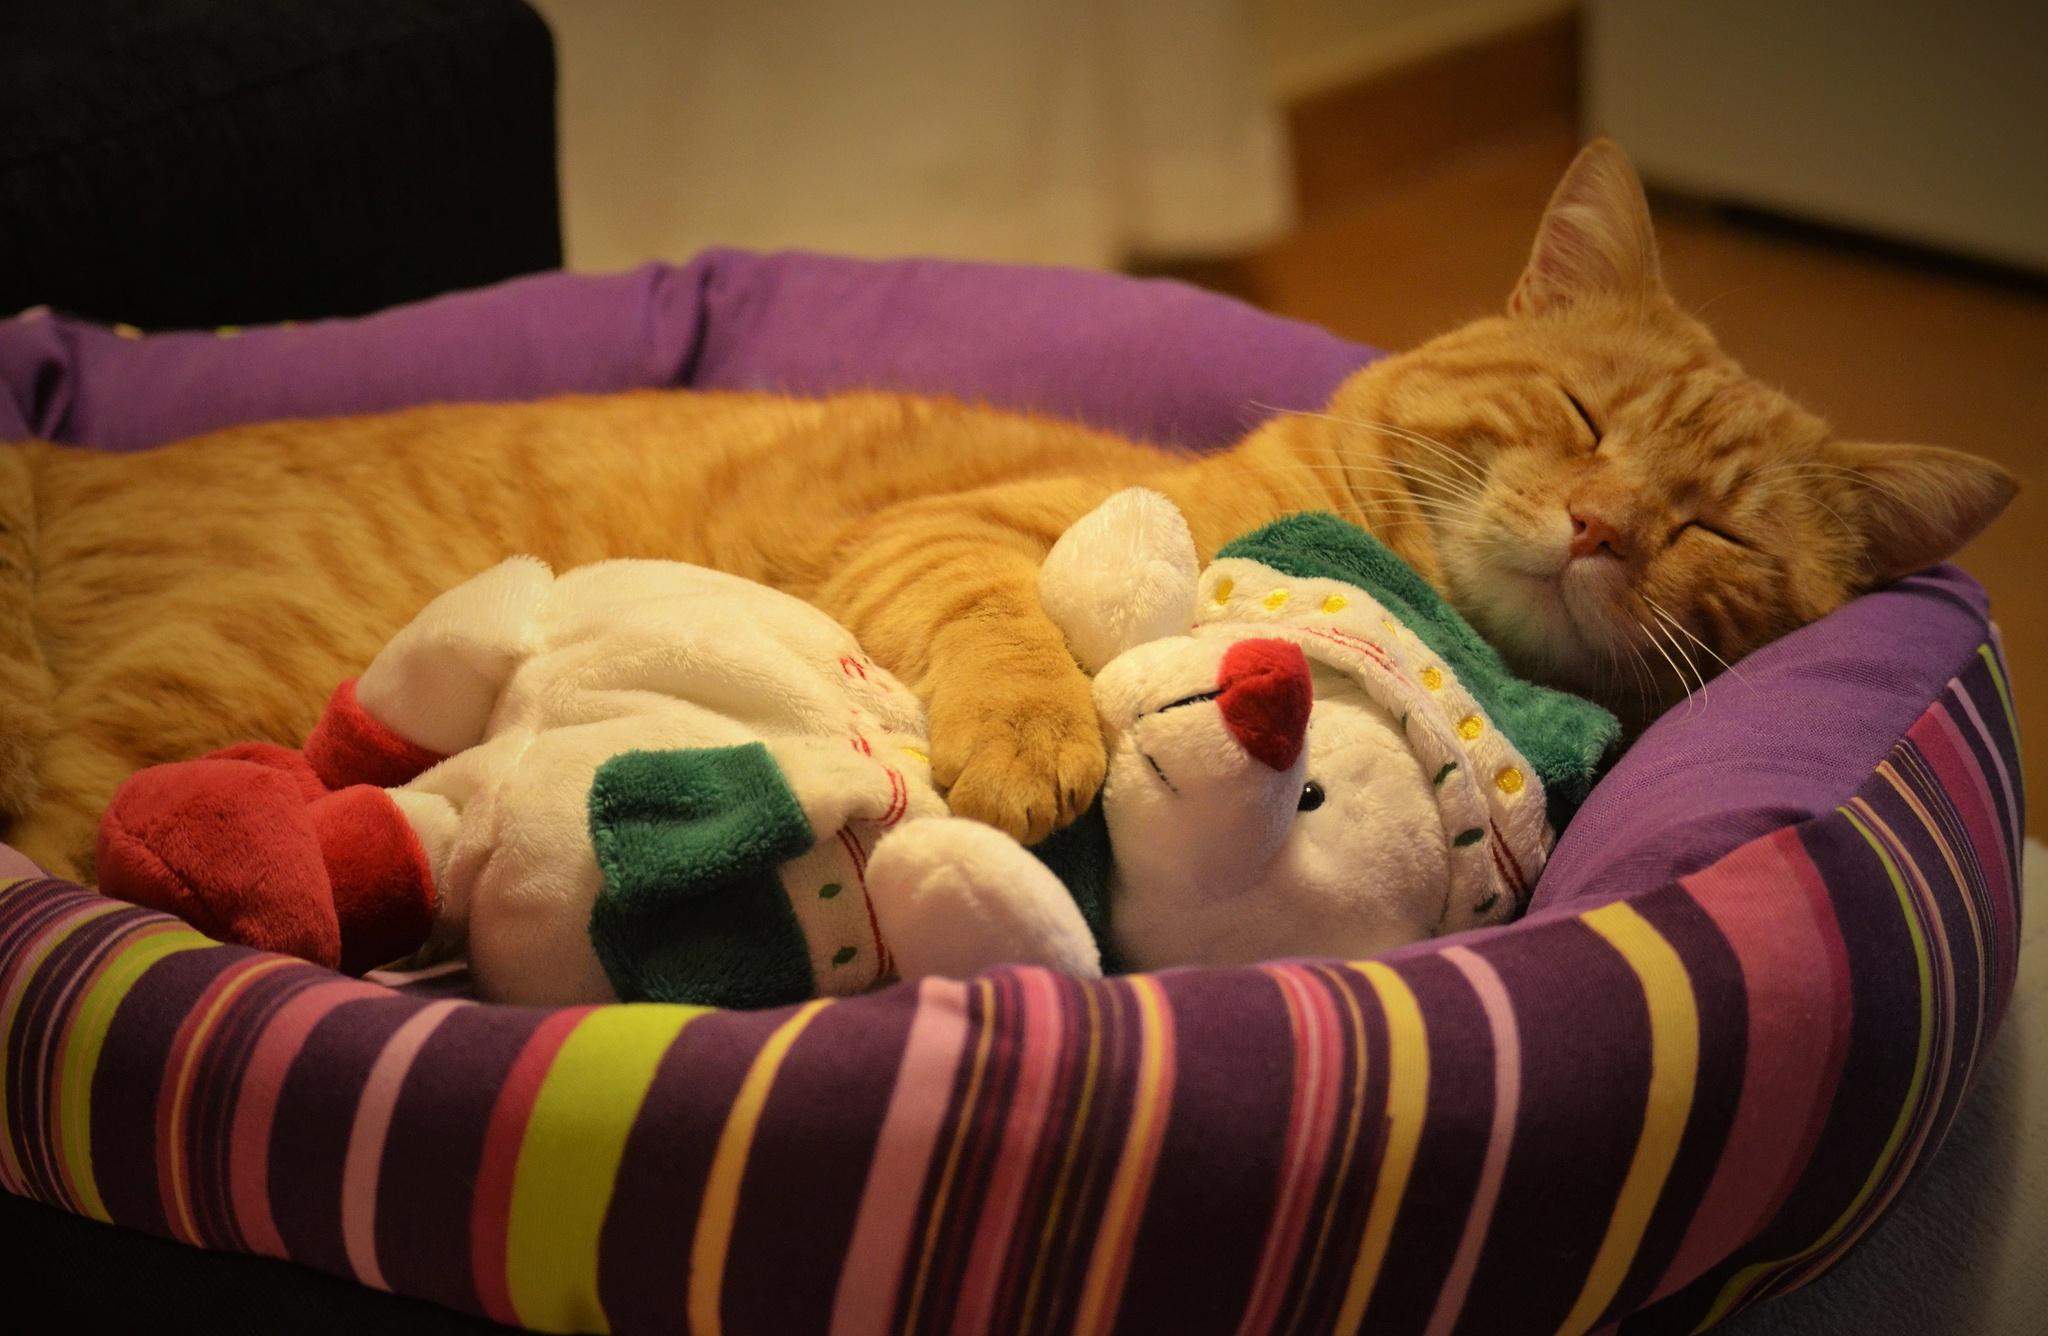 улицах вечернее картинка кошка уютно спит очень грязный, пасутся